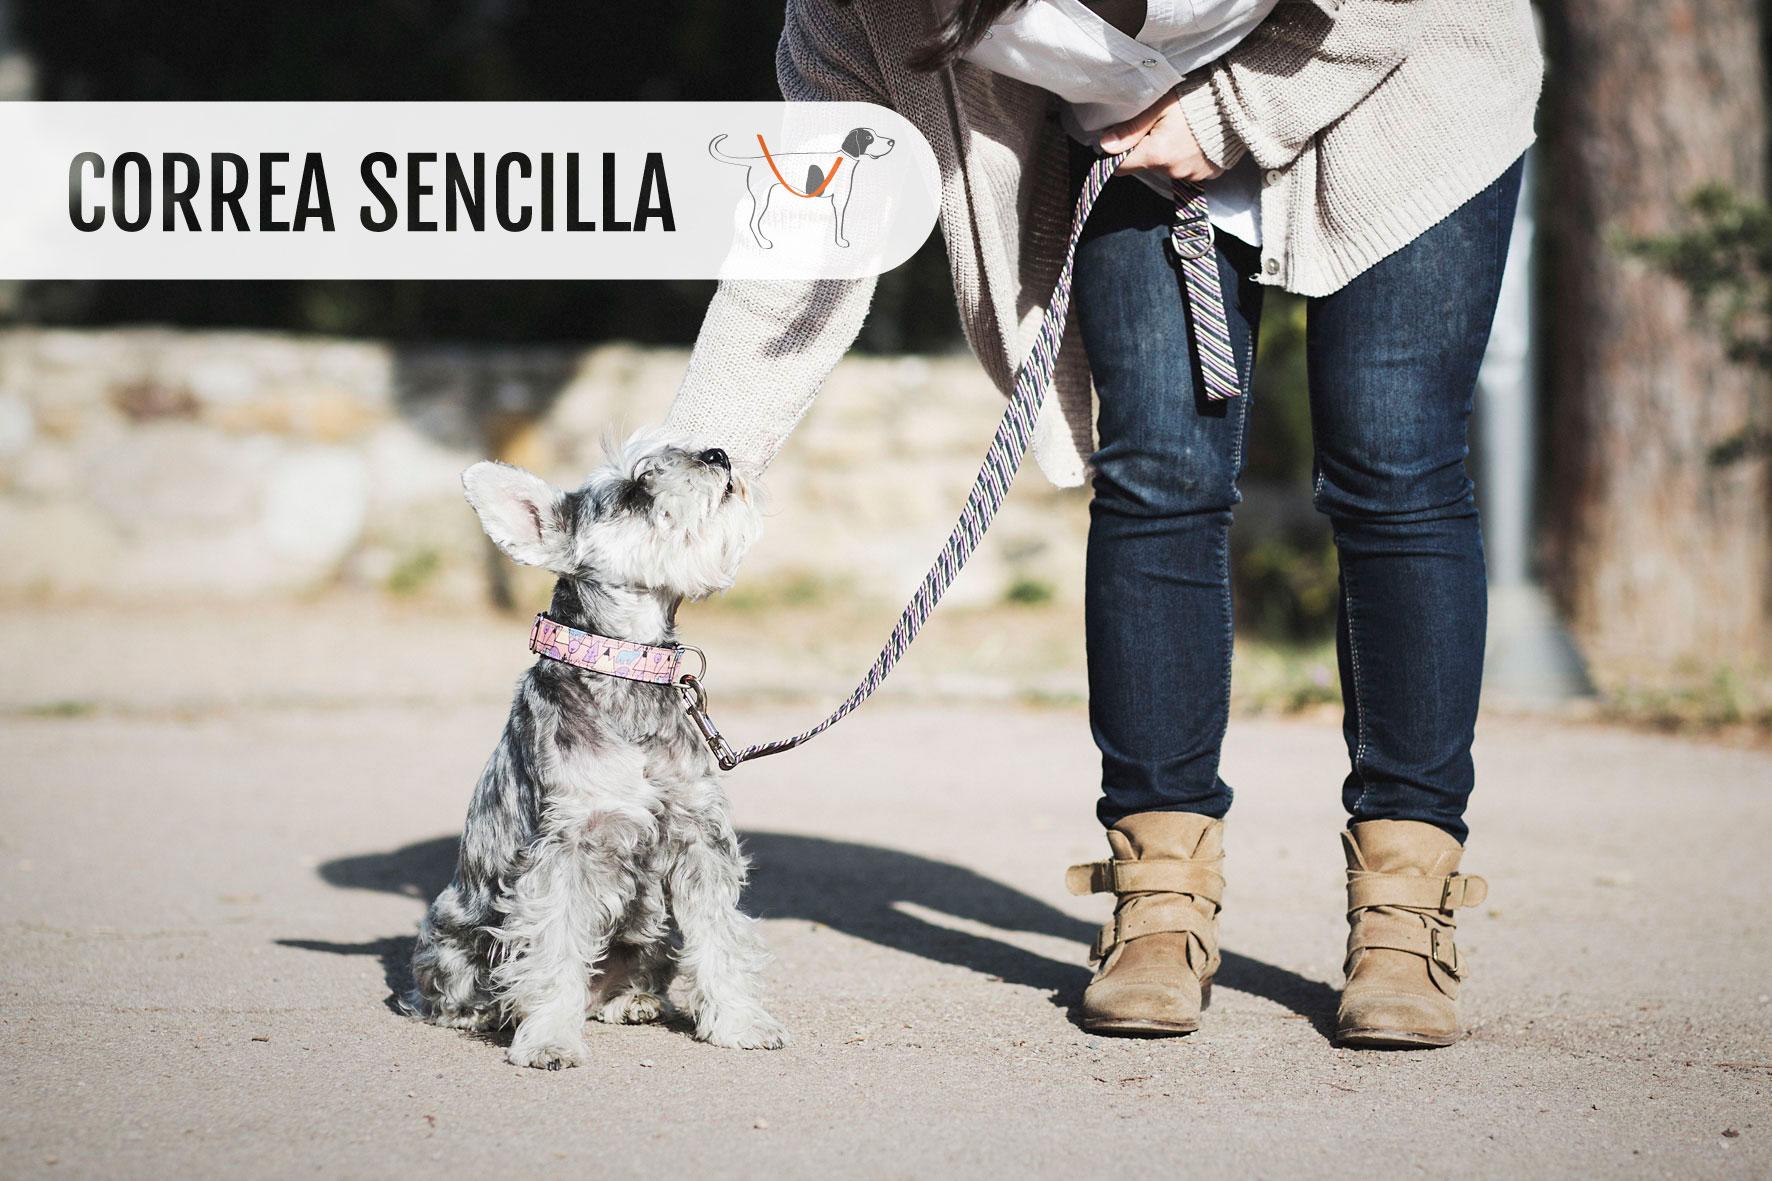 CORREA_SENCILLA